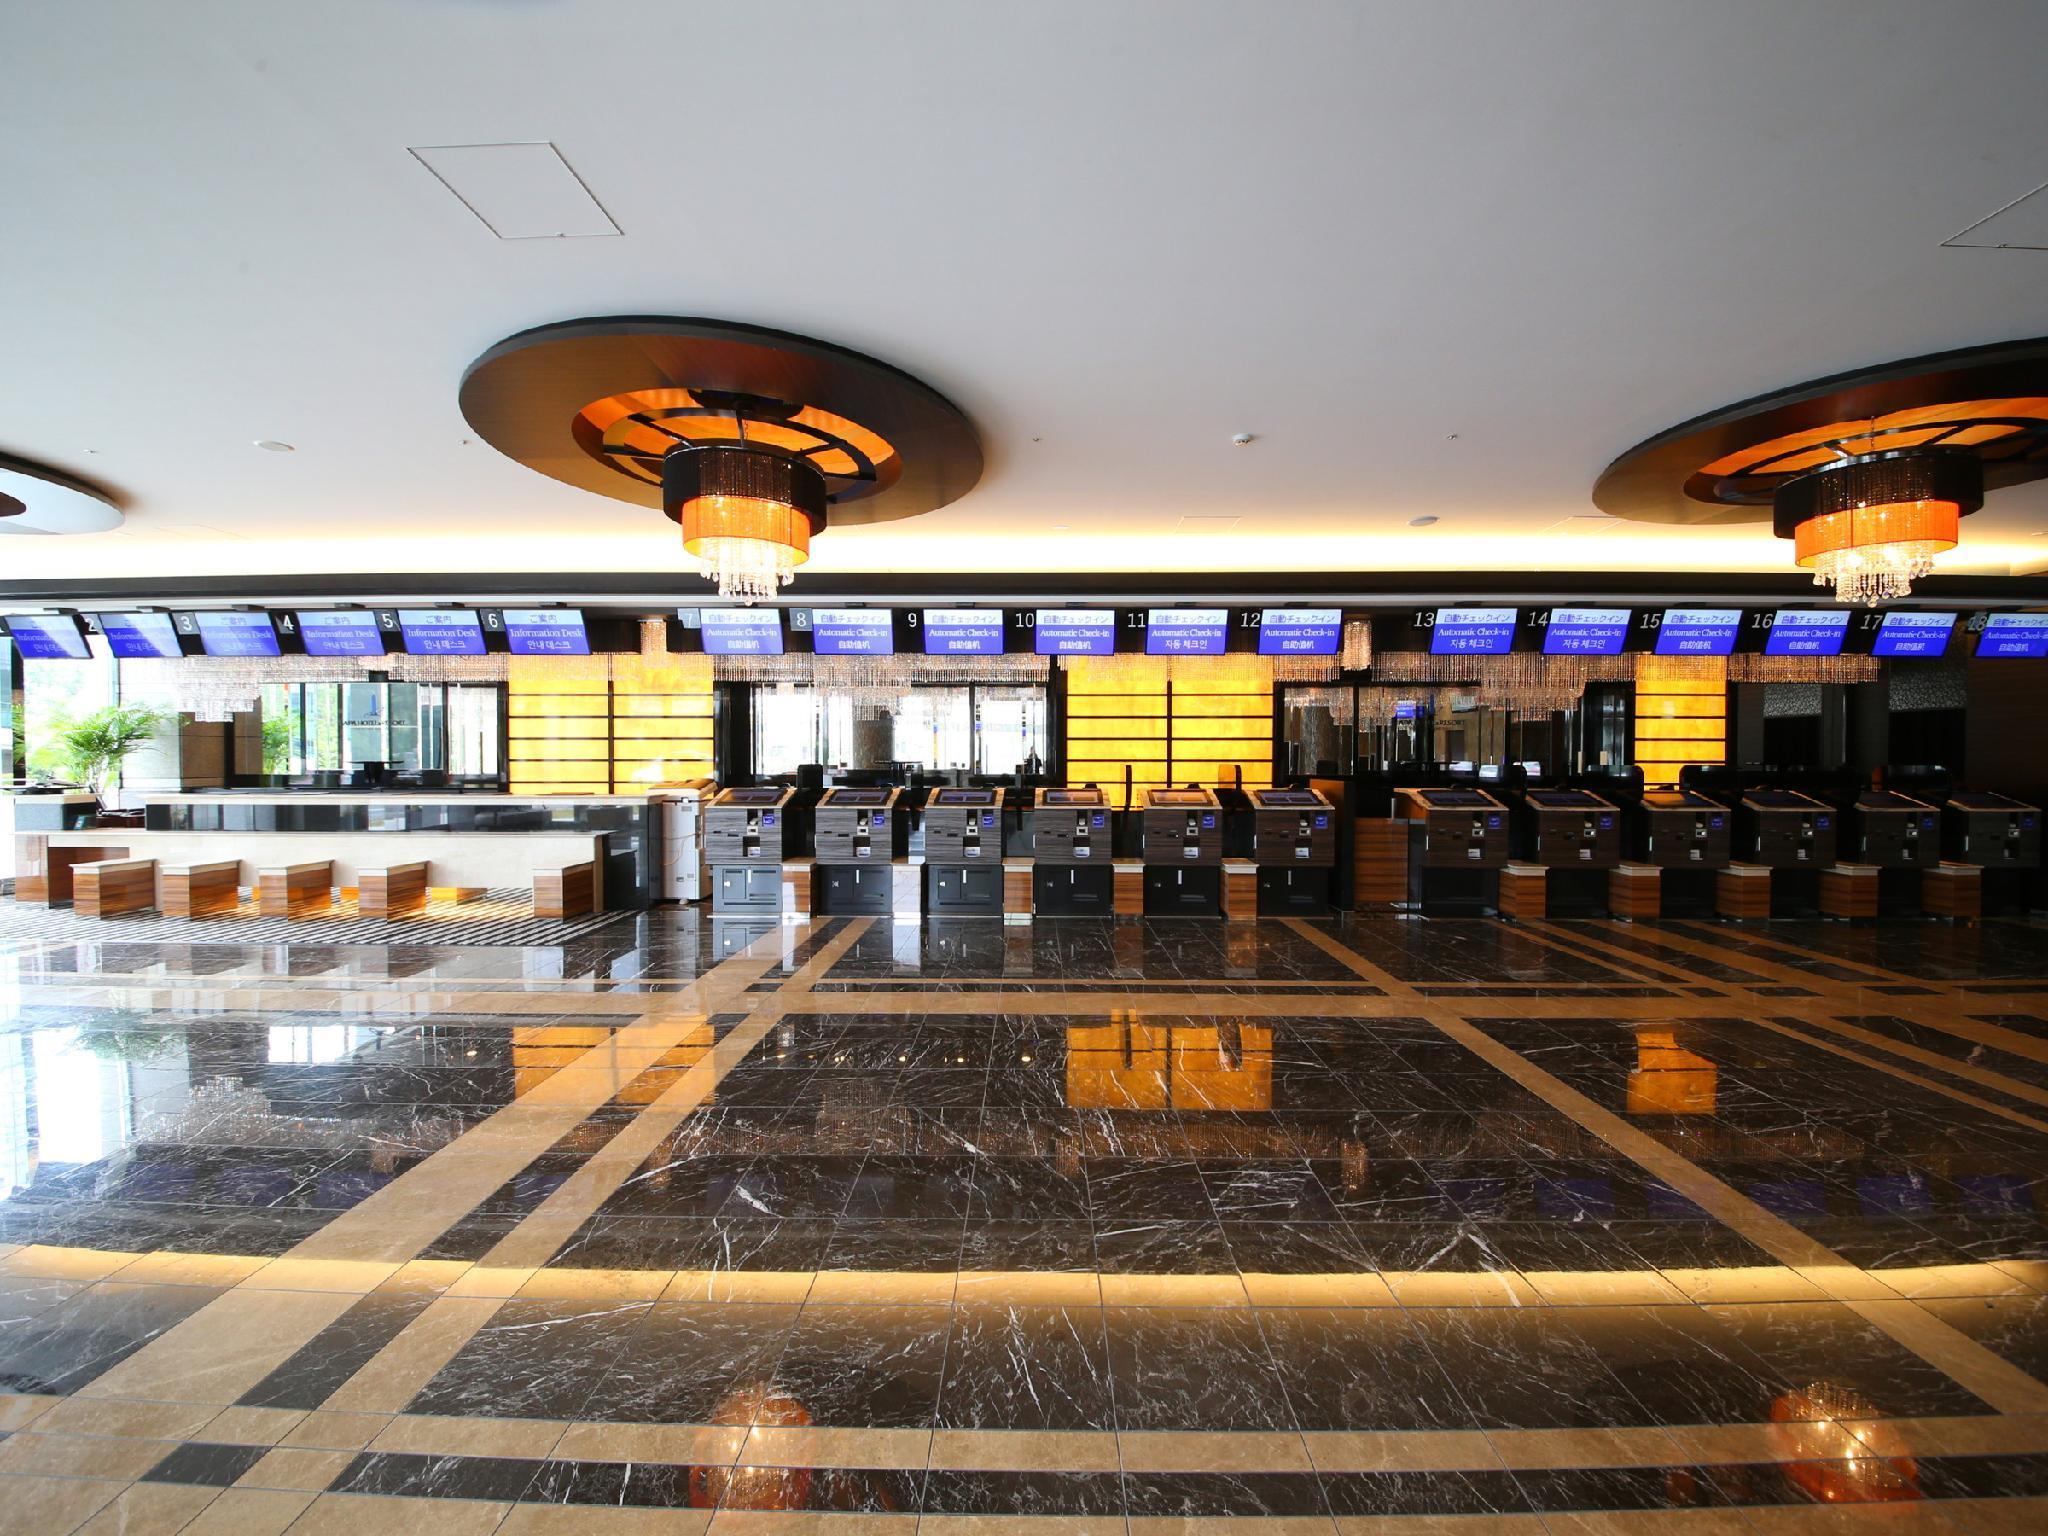 東京APA度假酒店 - 東京灣幕張 (APA Hotel & Resort Tokyo Bay Makuhari) - Agoda 提供行程前一刻網上即時優惠價格訂房服務